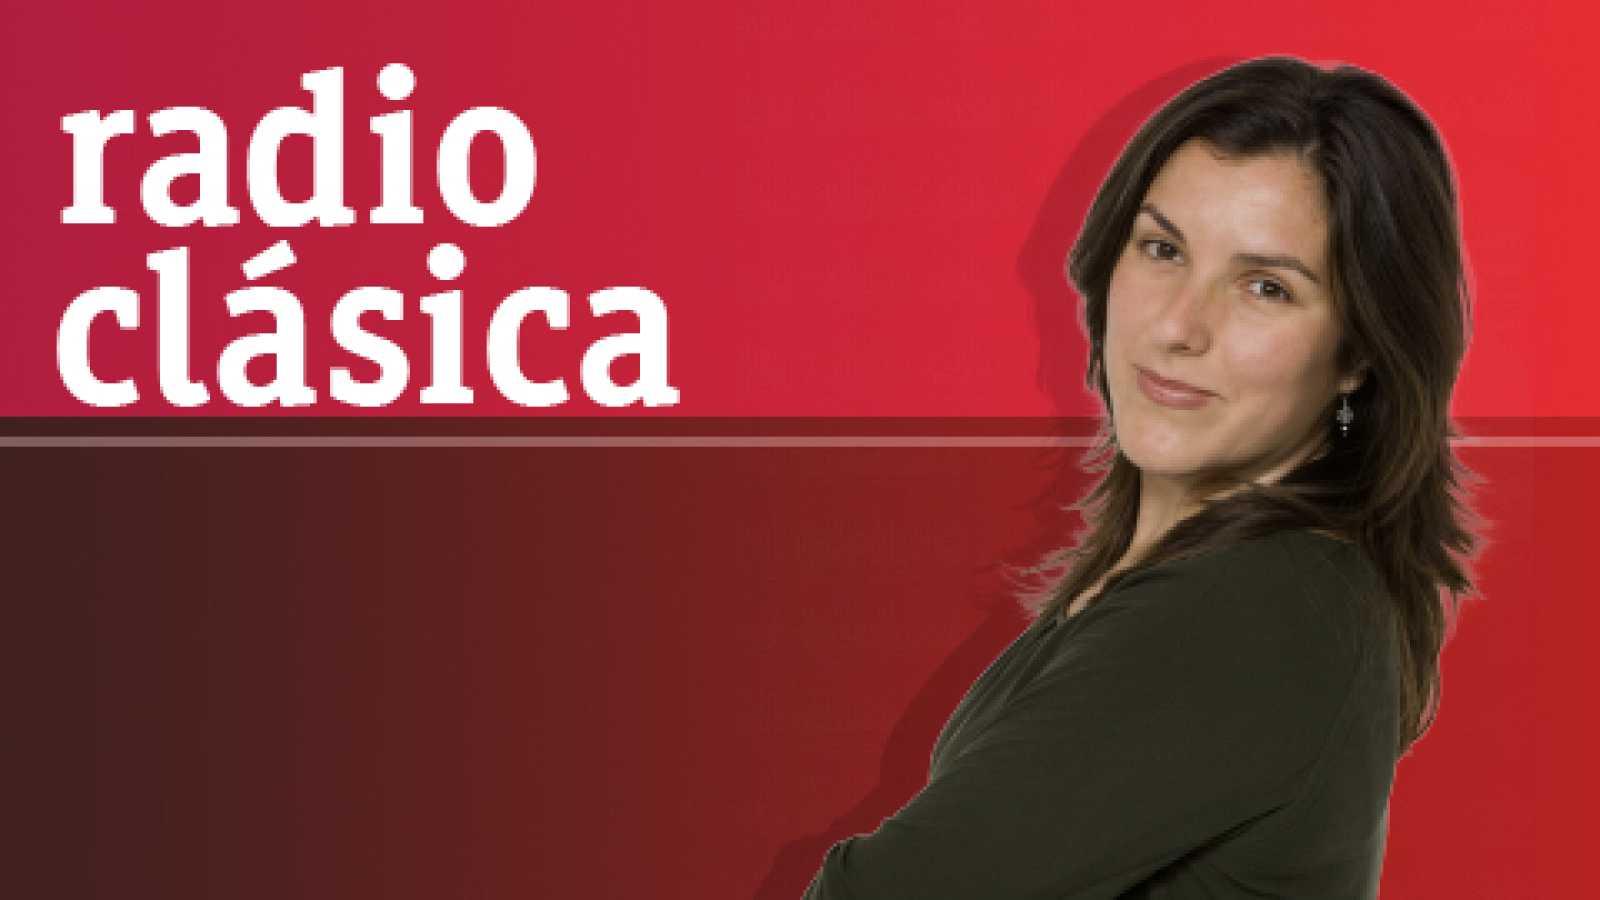 Los clásicos - Albinoni - 08/06/15 - escuchar ahora